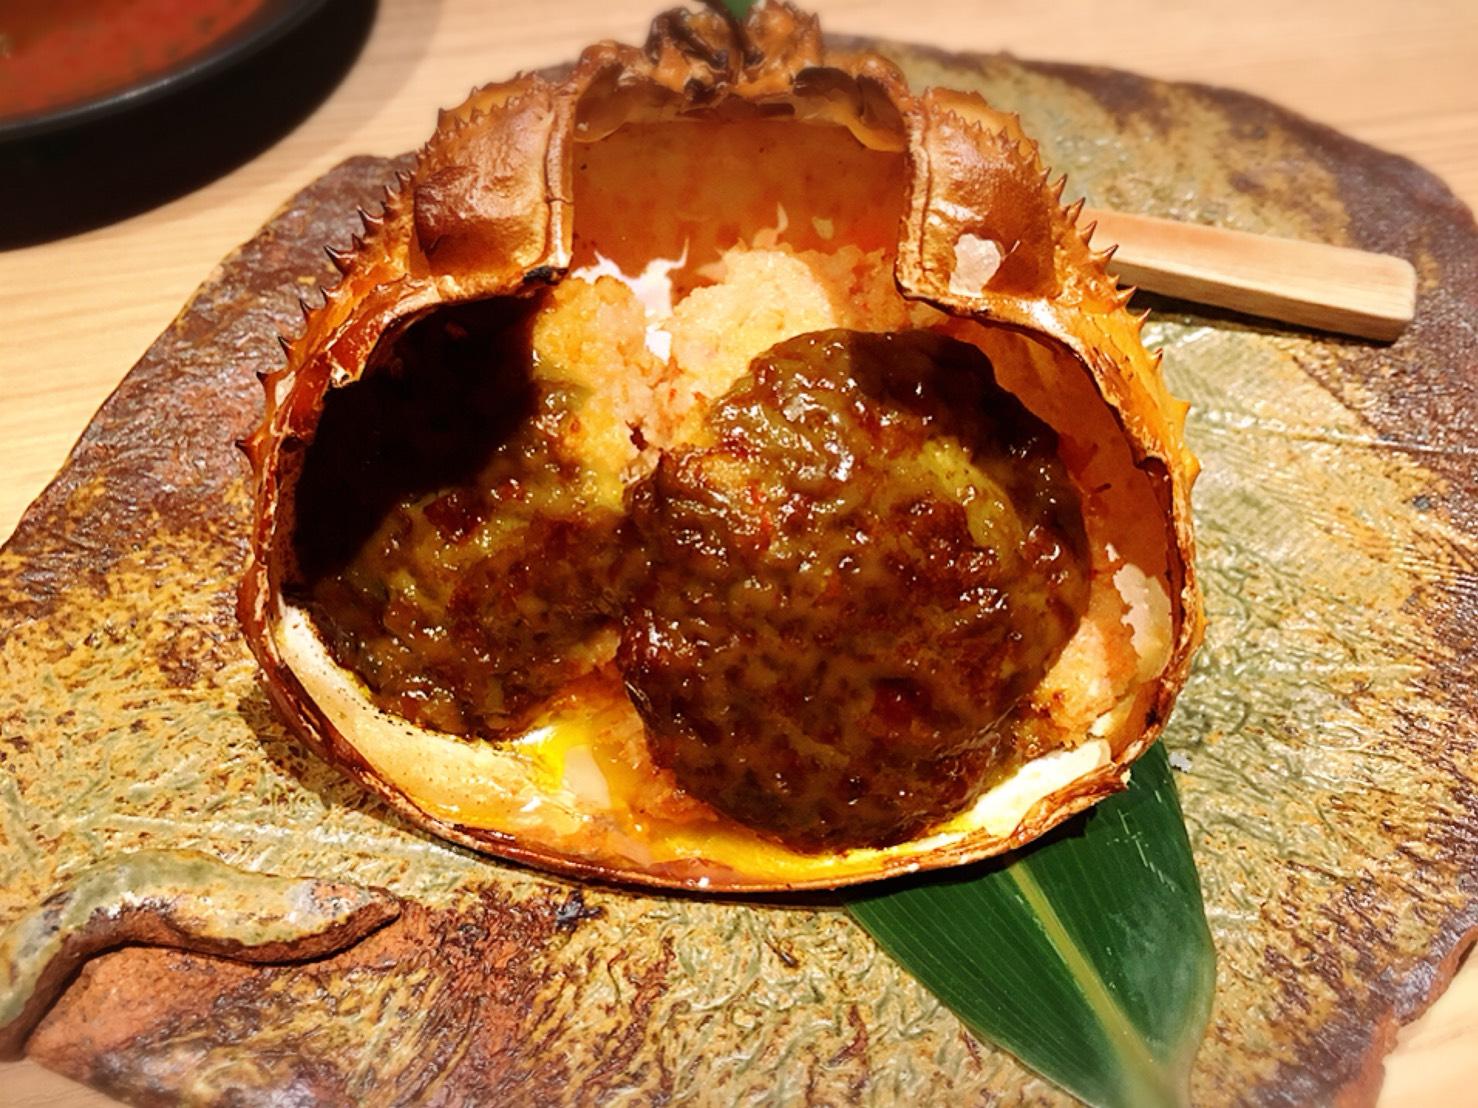 【池袋駅】大宴会もできる!九州料理の「福栄組合 池袋店」の蟹味噌甲羅焼き